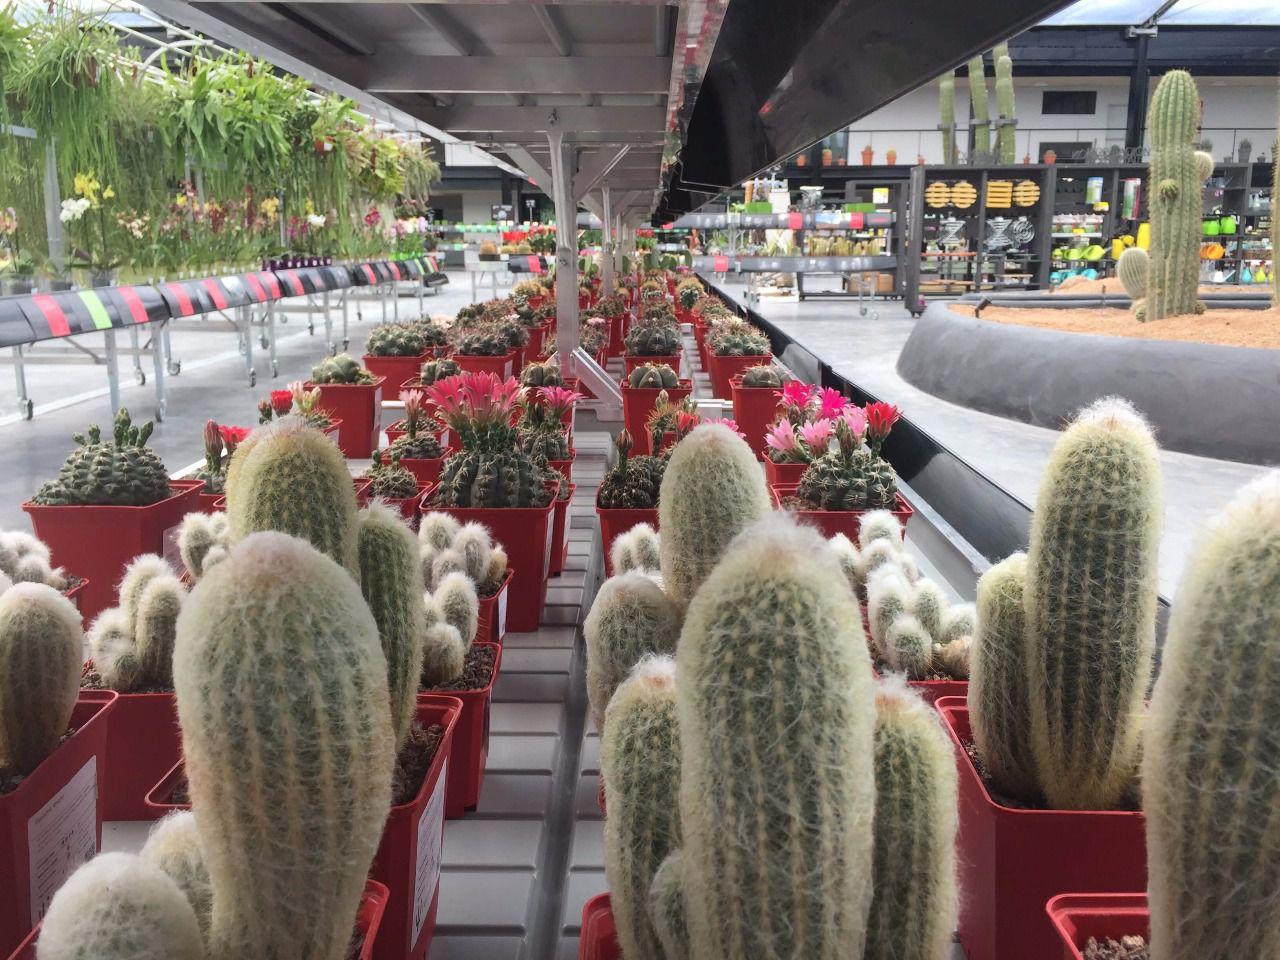 El oasis de cactus m s grande de europa a un paso de for Vivero alcobendas